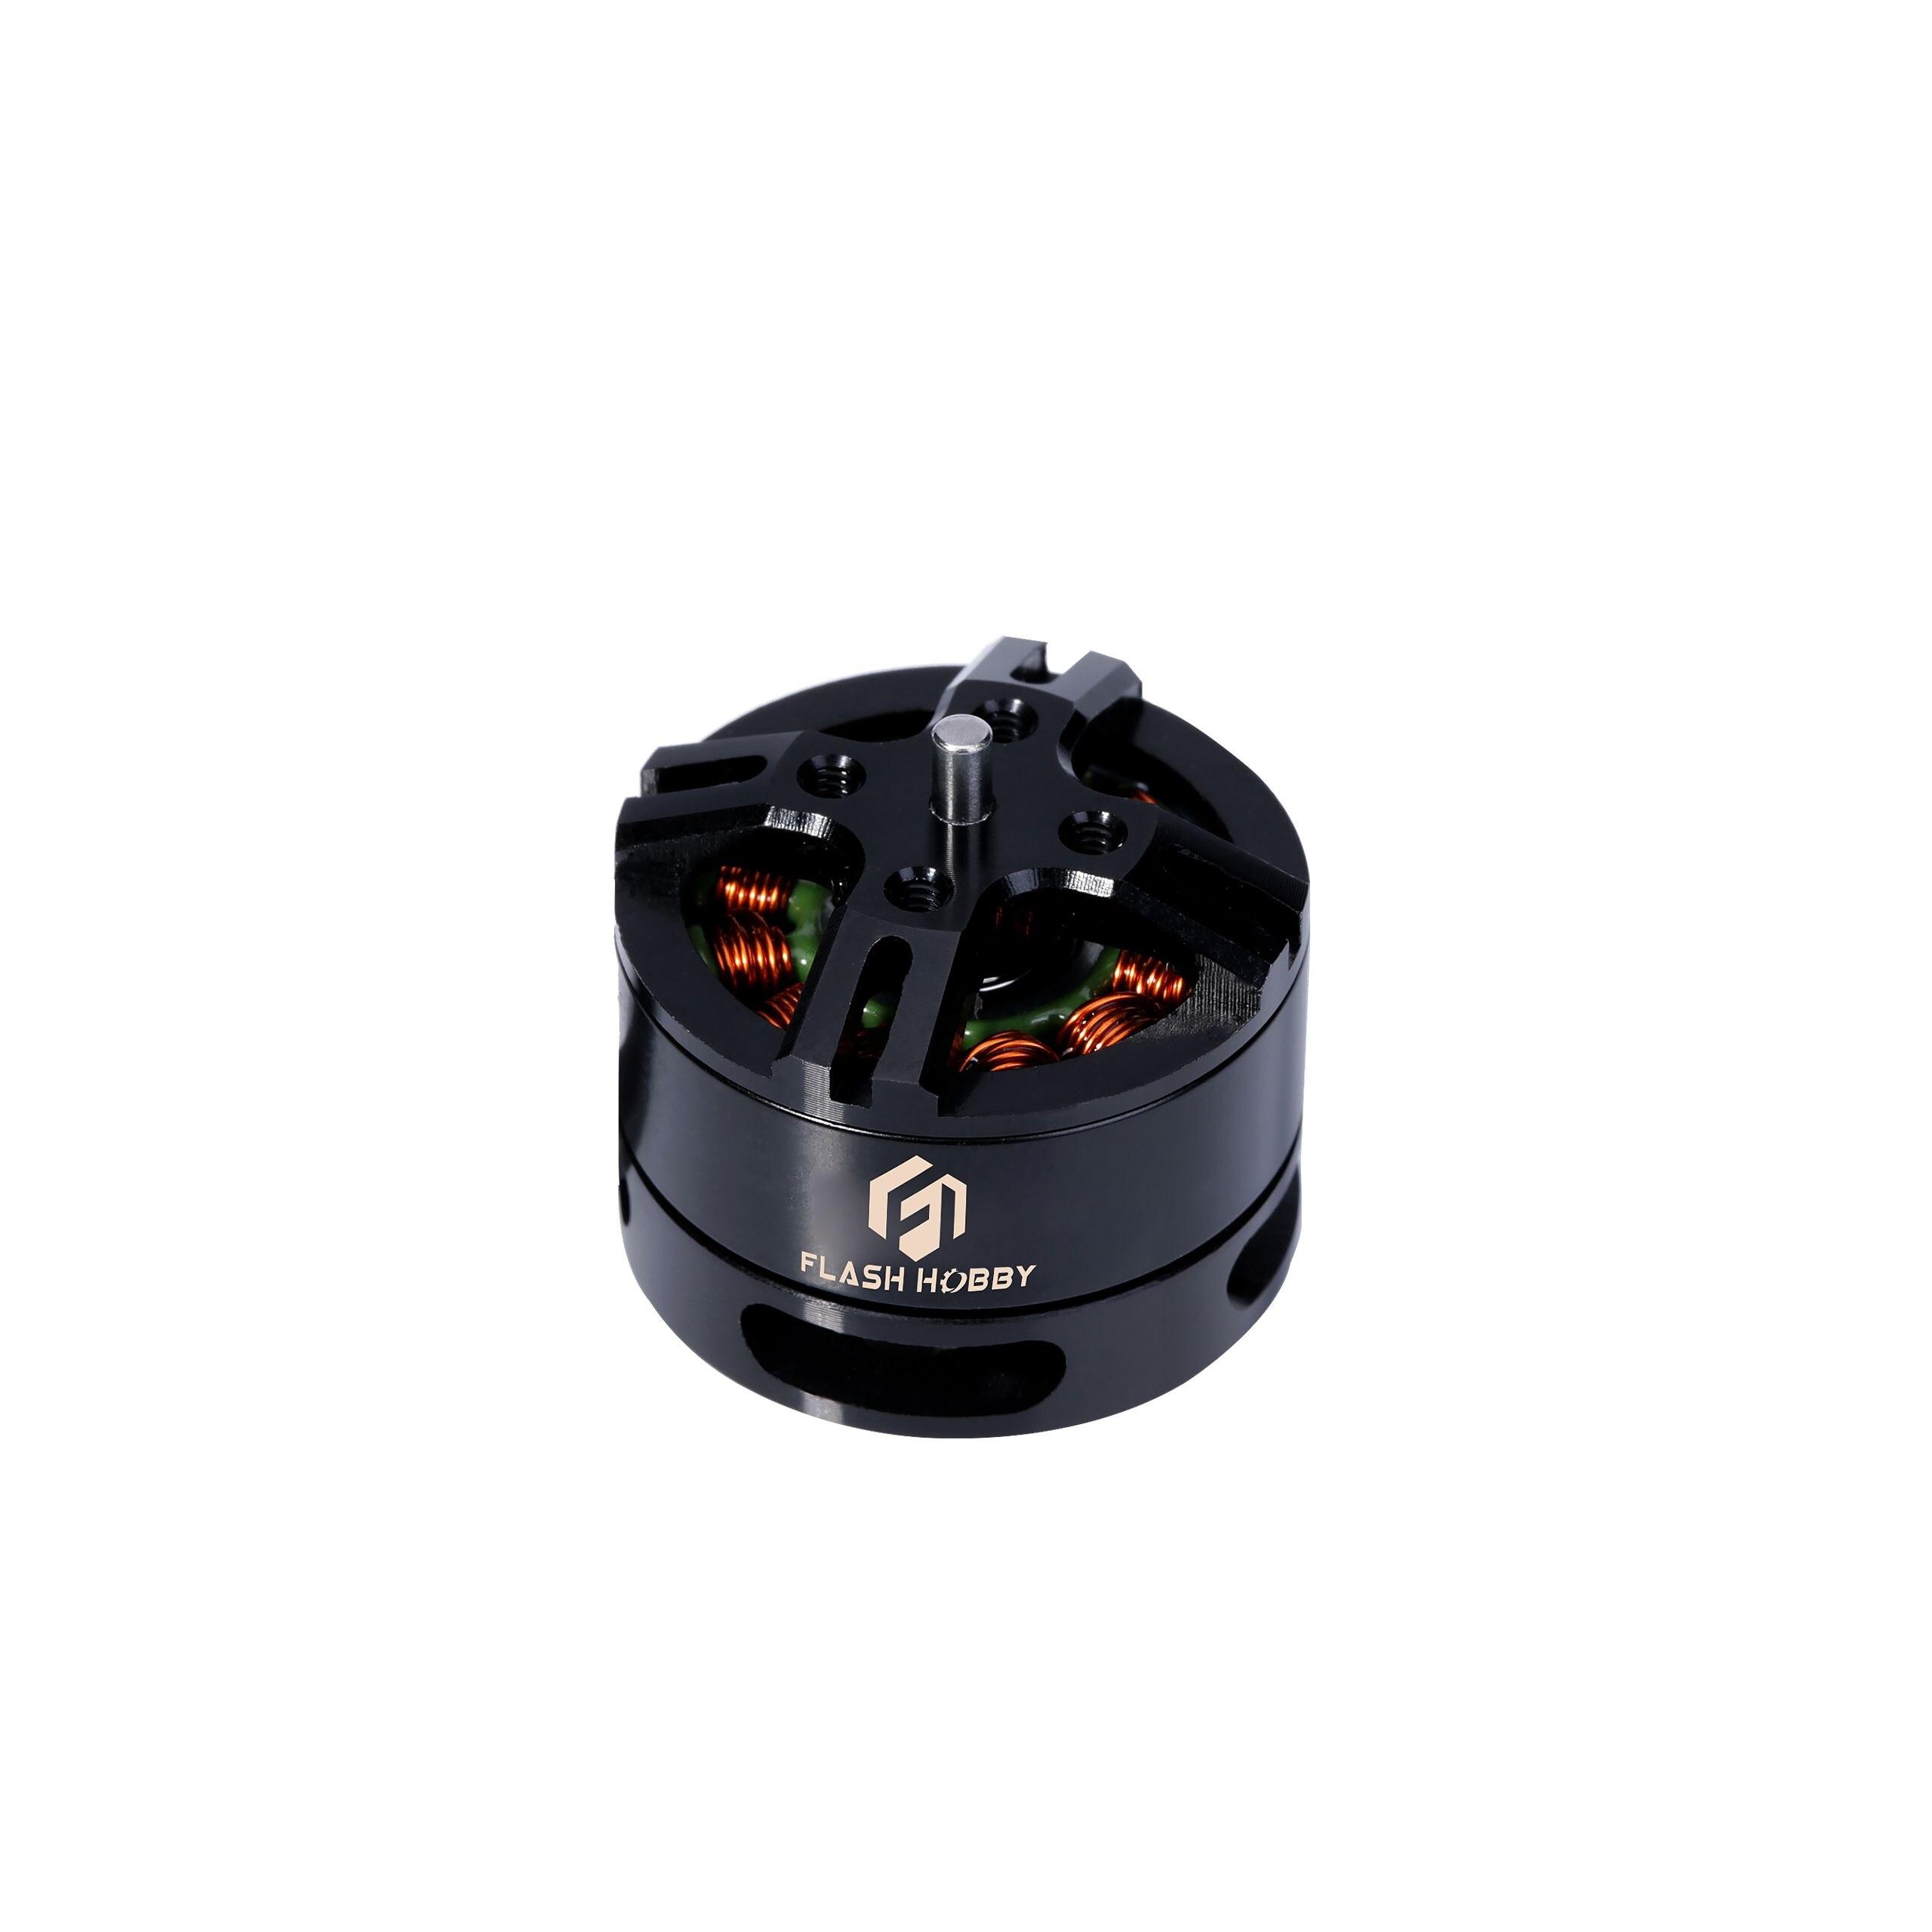 4PCS Flashhobby BE1806- 1806 1400KV 2300KV 2700KV Brushless Motor for RC Multirotor Mini Drones Replacement DIY Parts